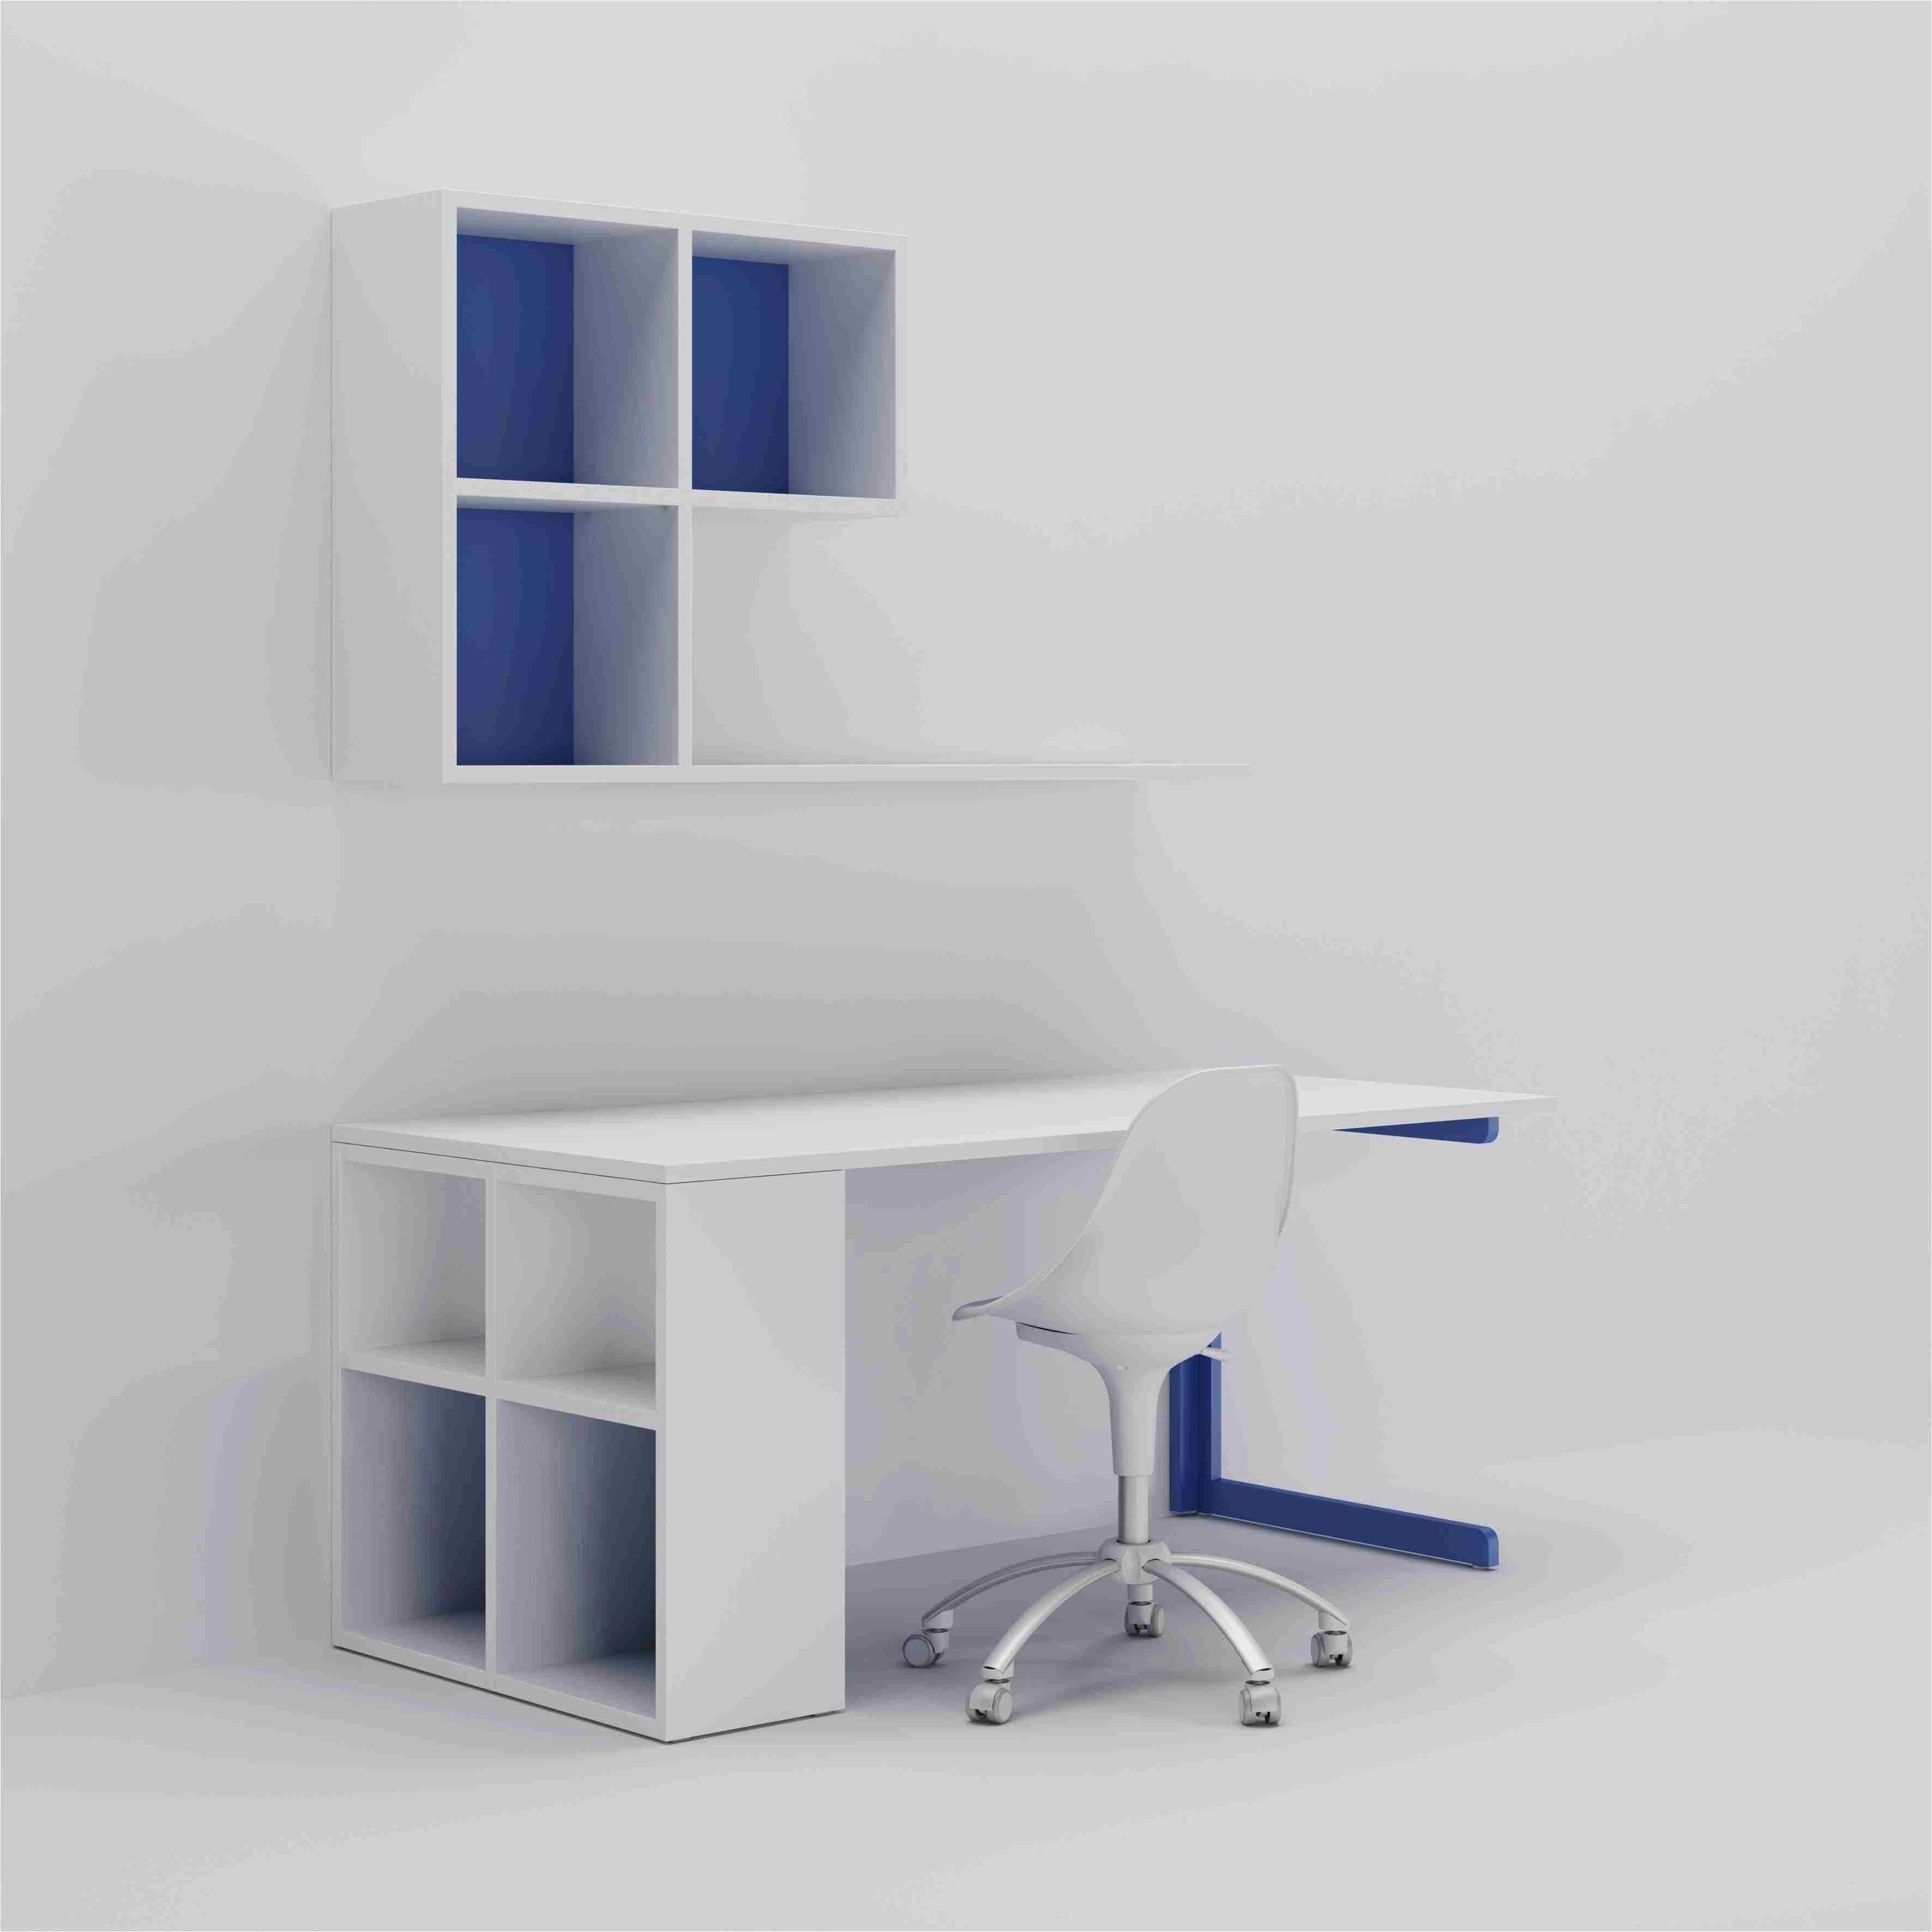 Bureau Chambre Ado Ikea Elegant Bureau Fille Ado Meilleur De Cuisine